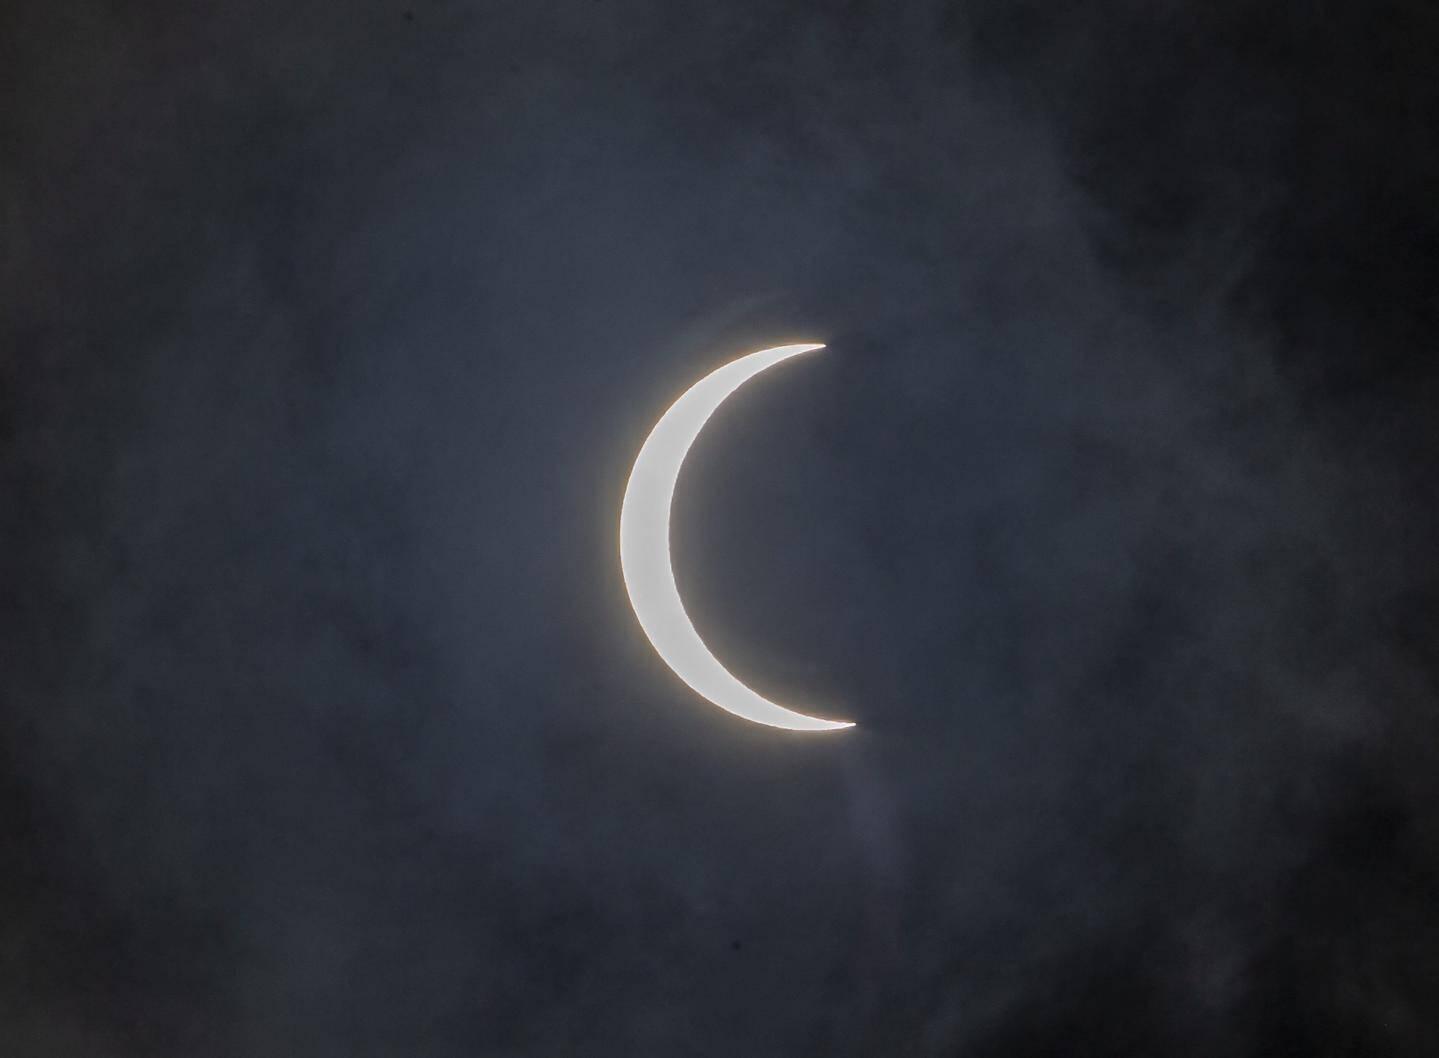 L'éclipse observée dans le ciel de Katmandou au Népal.